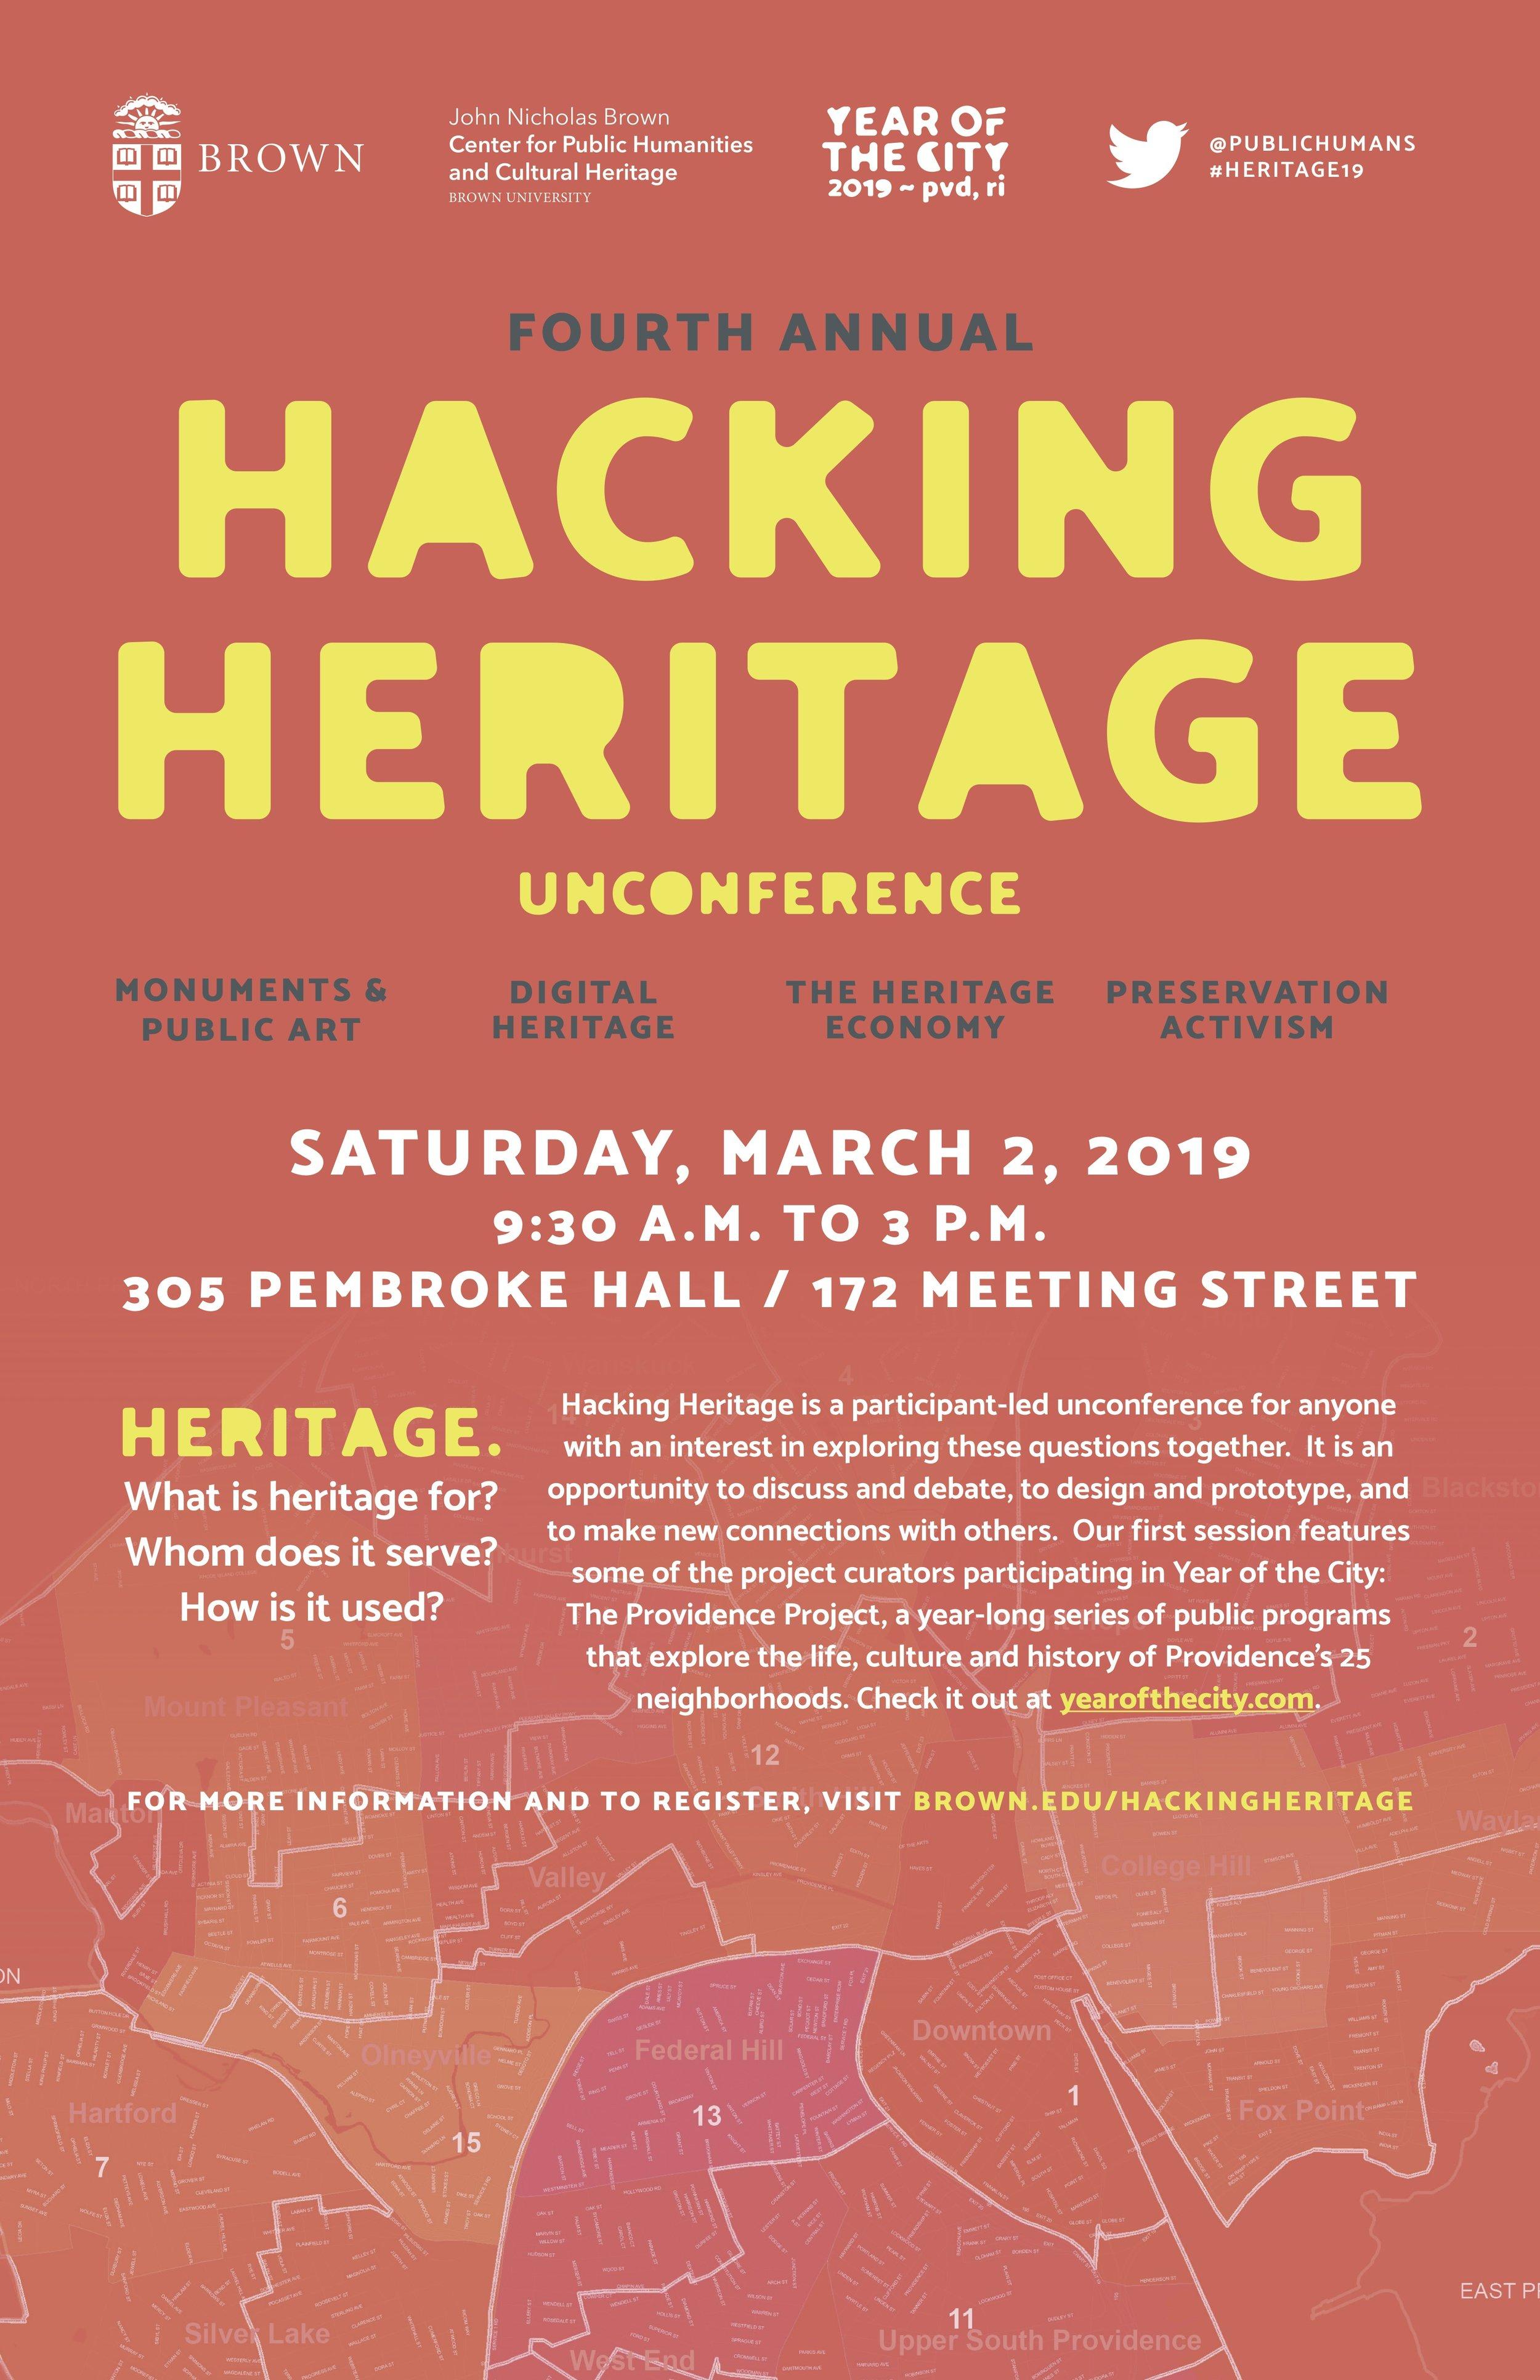 66023_JNBC_Hacking Heritage_poster_FNL.jpg